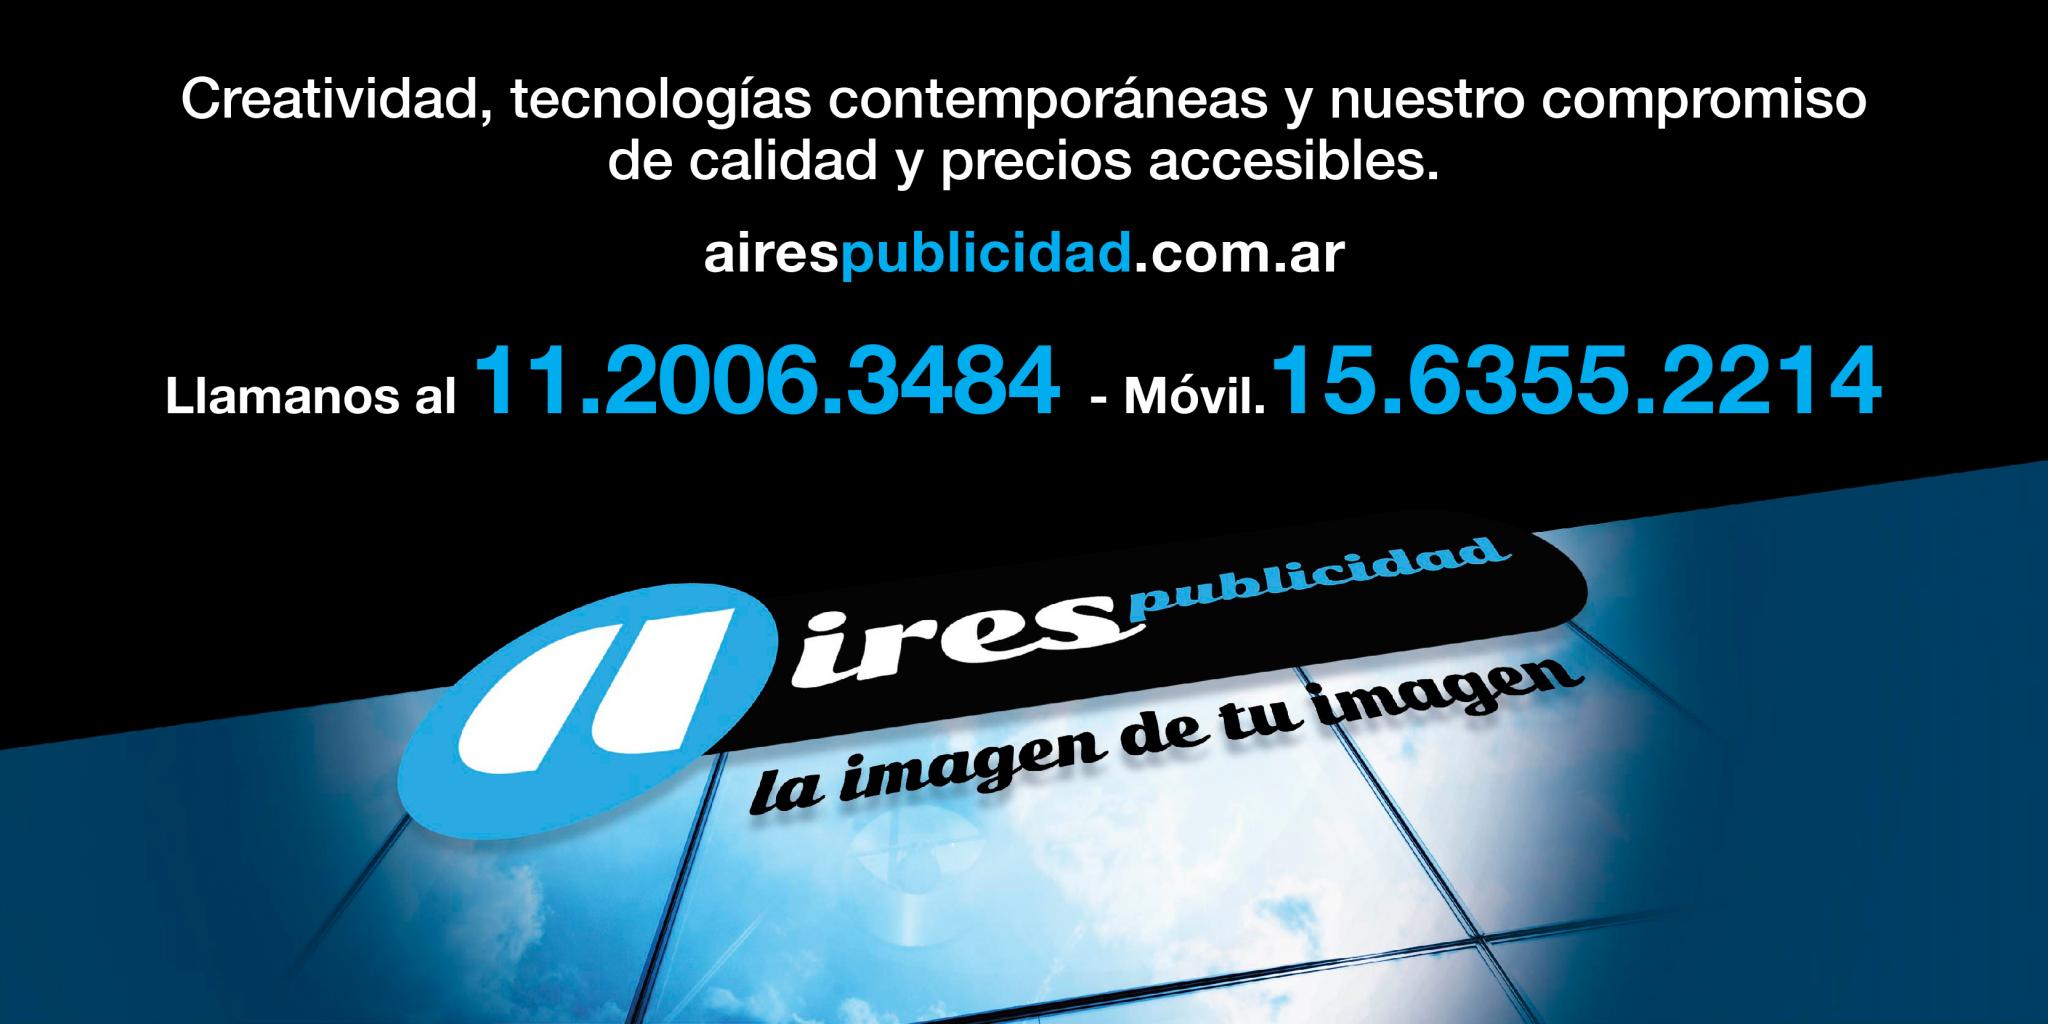 Aires Publicidad : La imagen de tu imagen